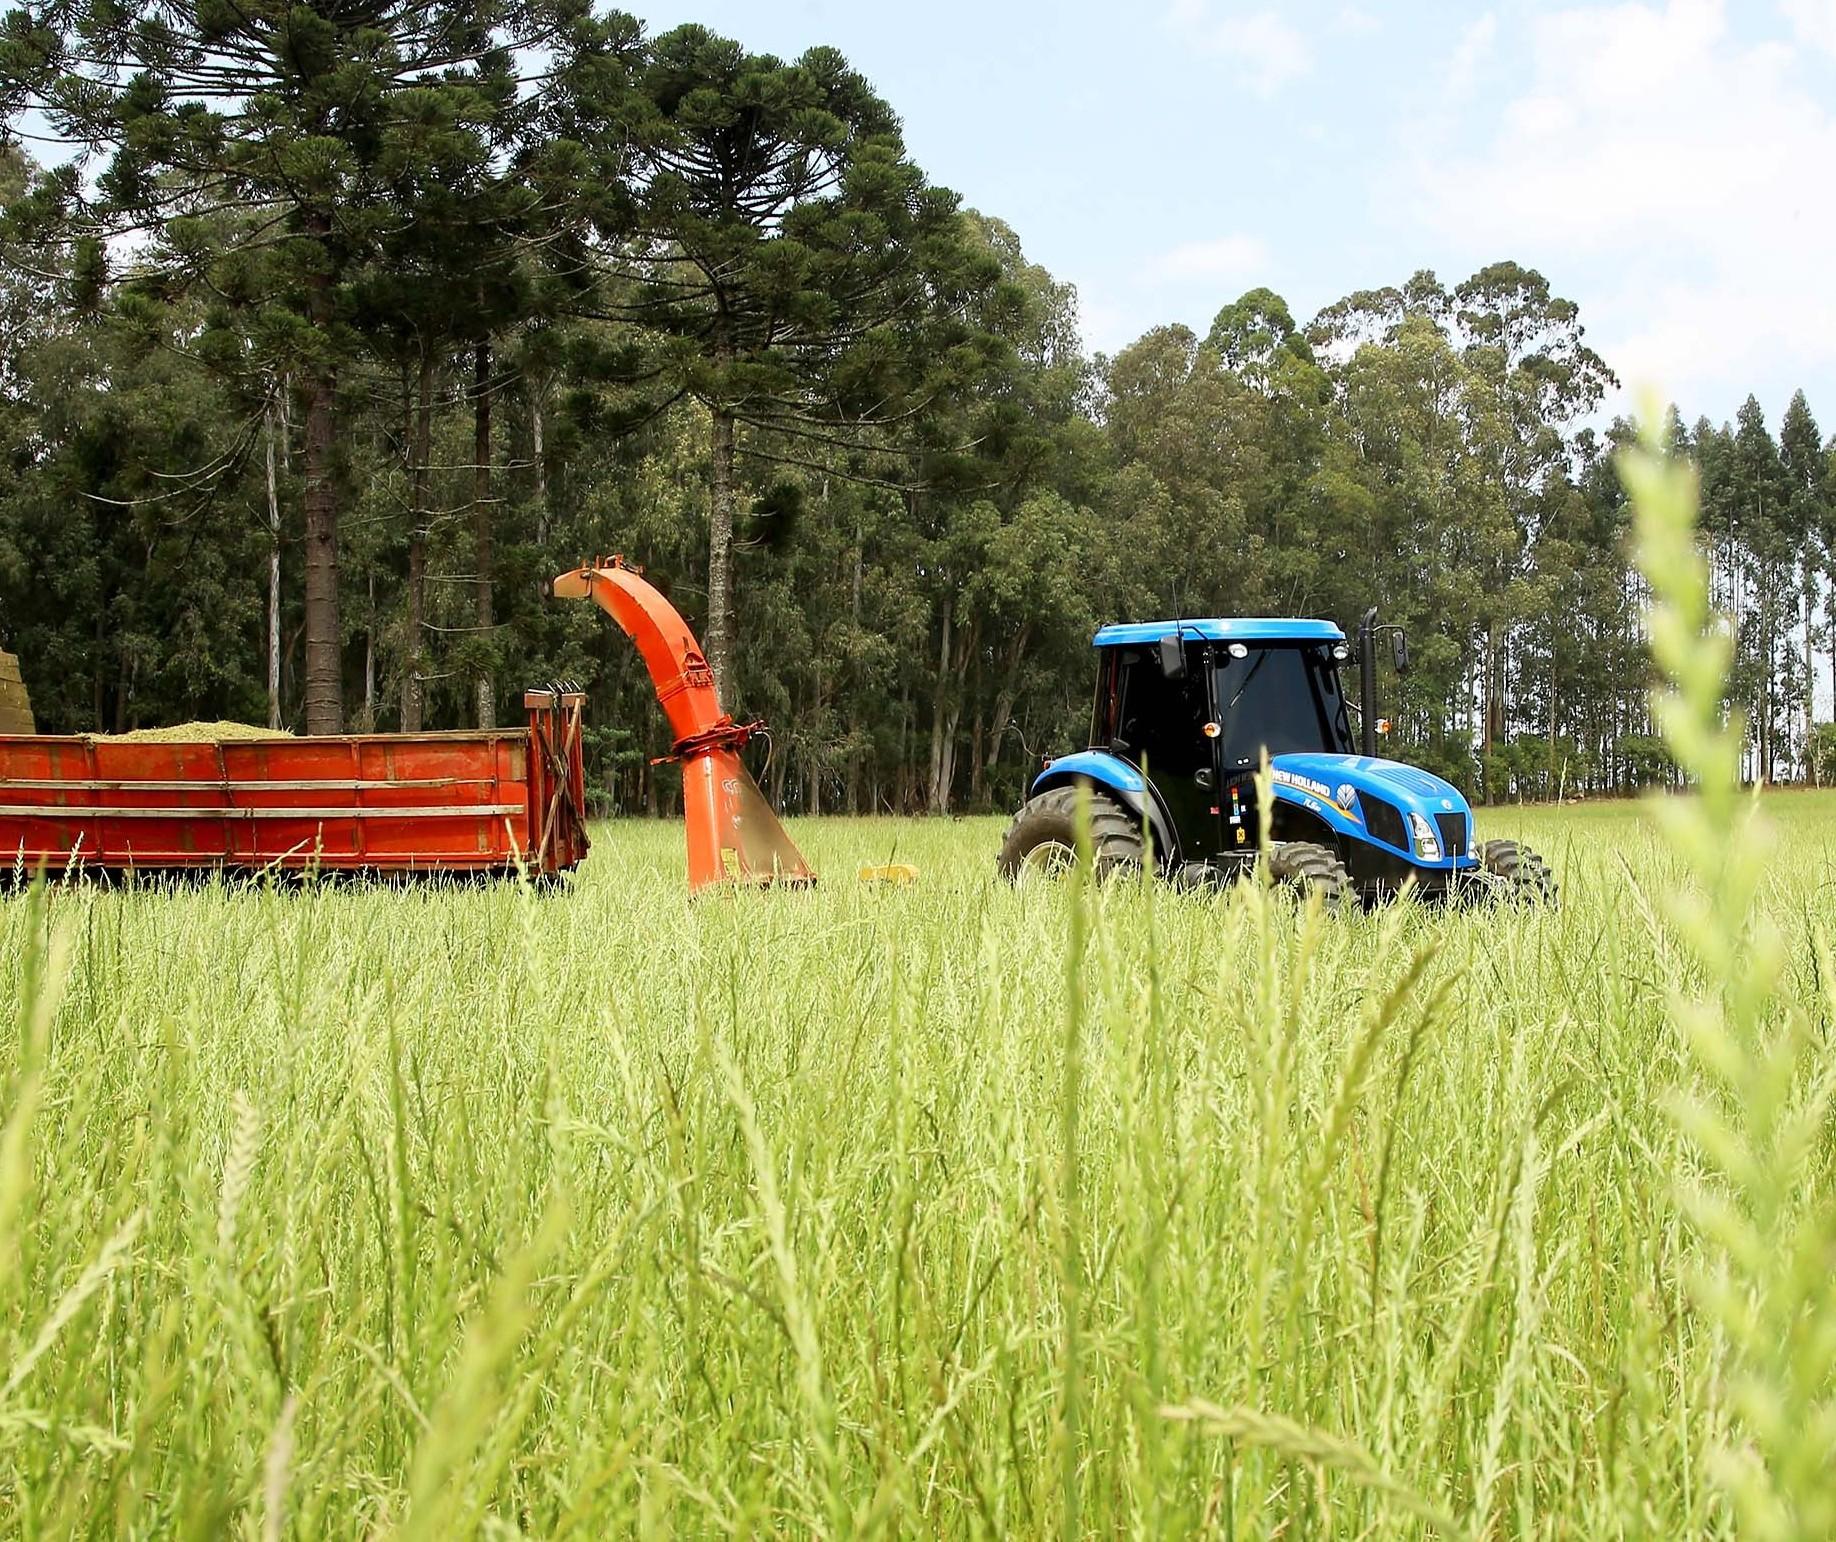 Produtores rurais contrataram R$ 156,6 bi em crédito de julho de 2019 a abril deste ano